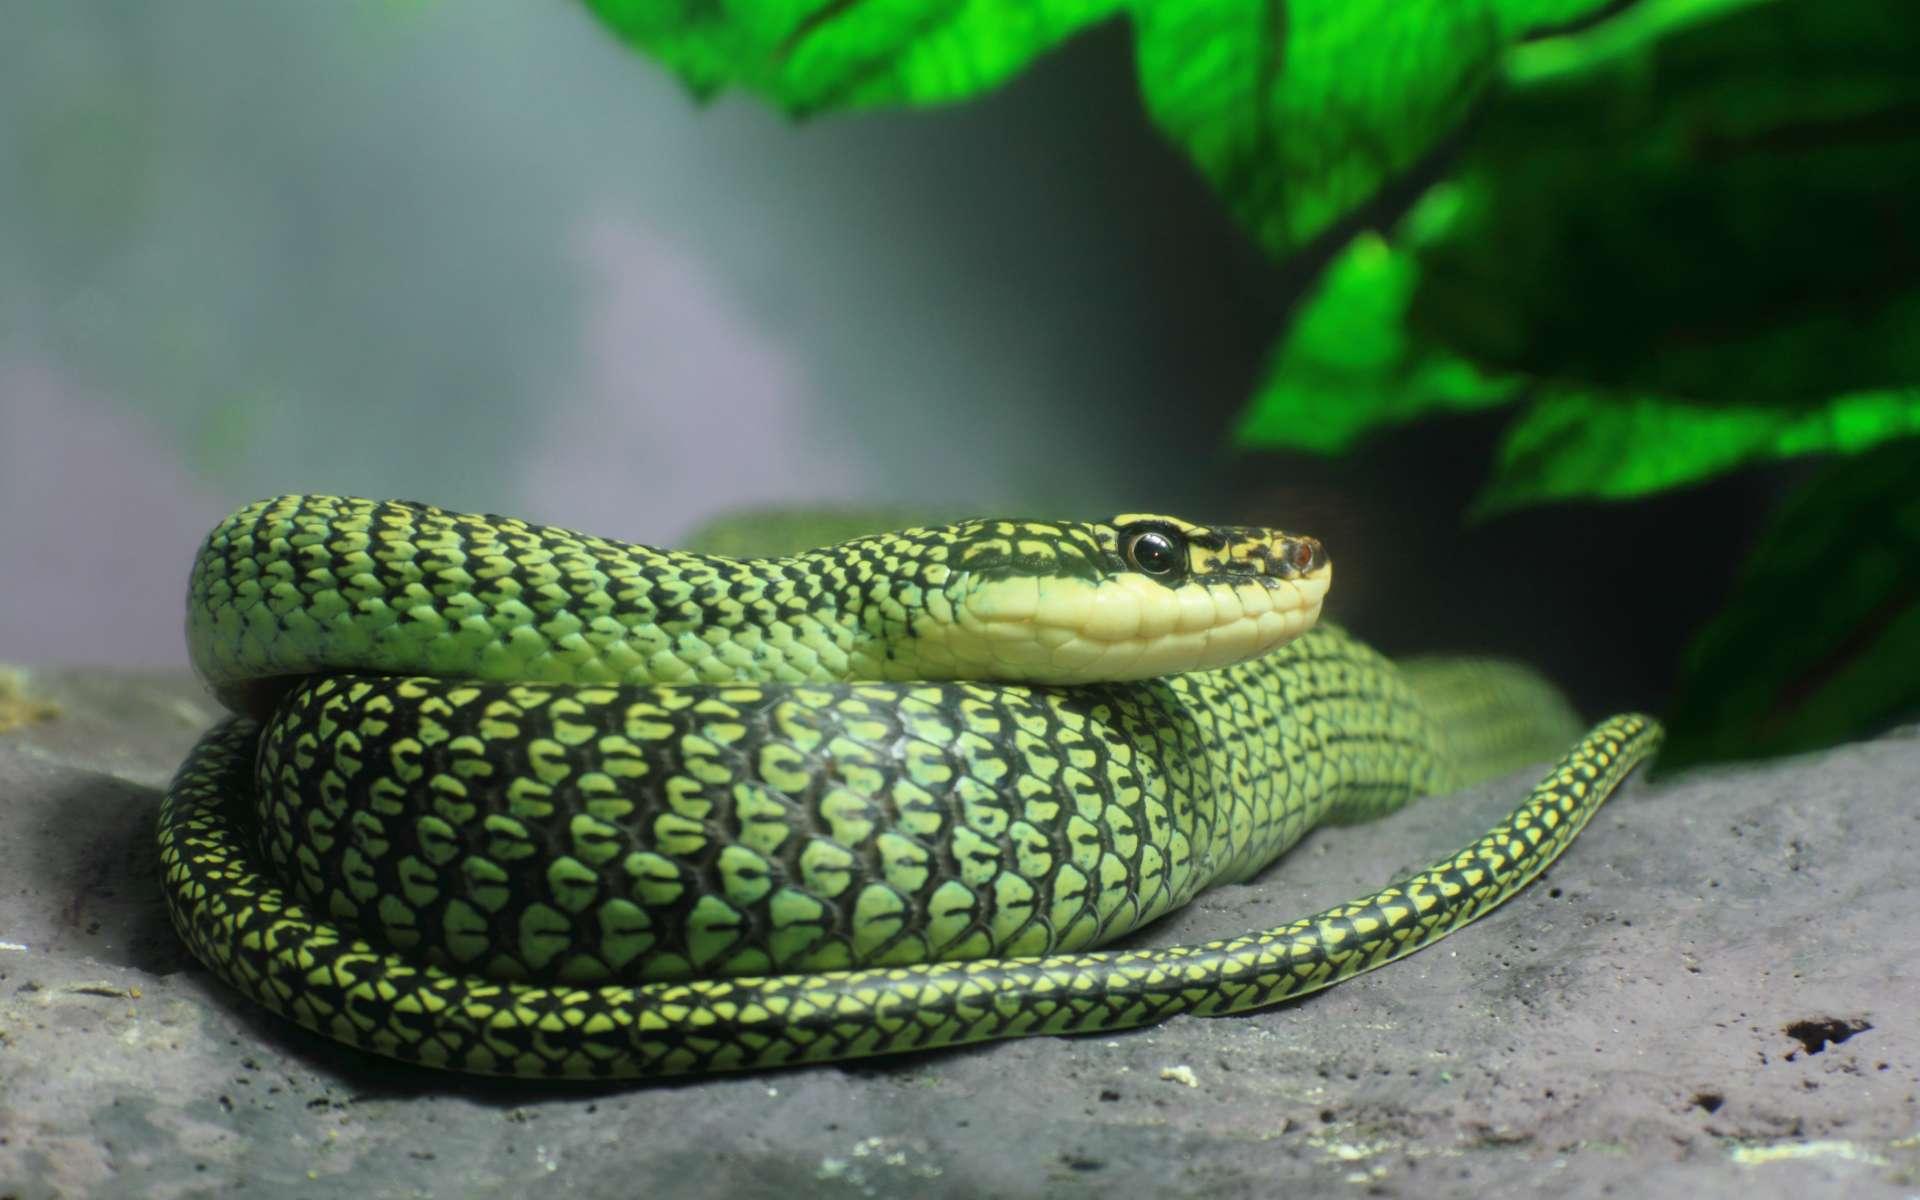 Un serpent du genre Chrysopelea (ici, Chrysopelea ornata) enroulé sur une pierre. © joefotofl